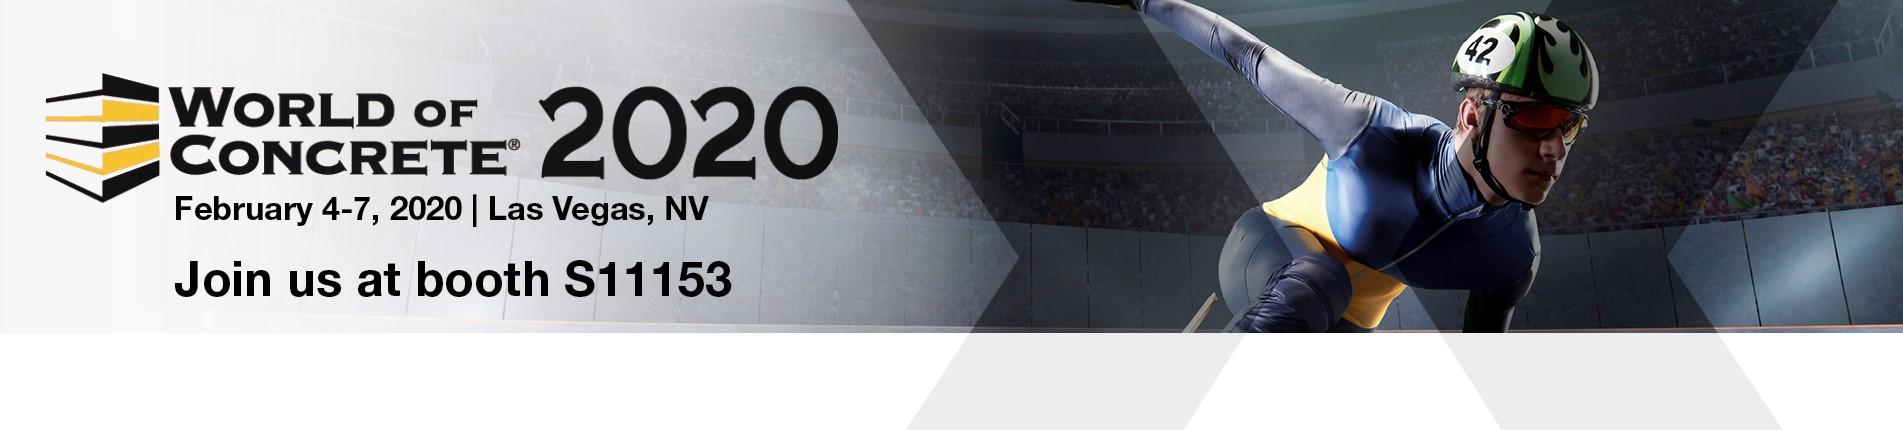 WoC 2020